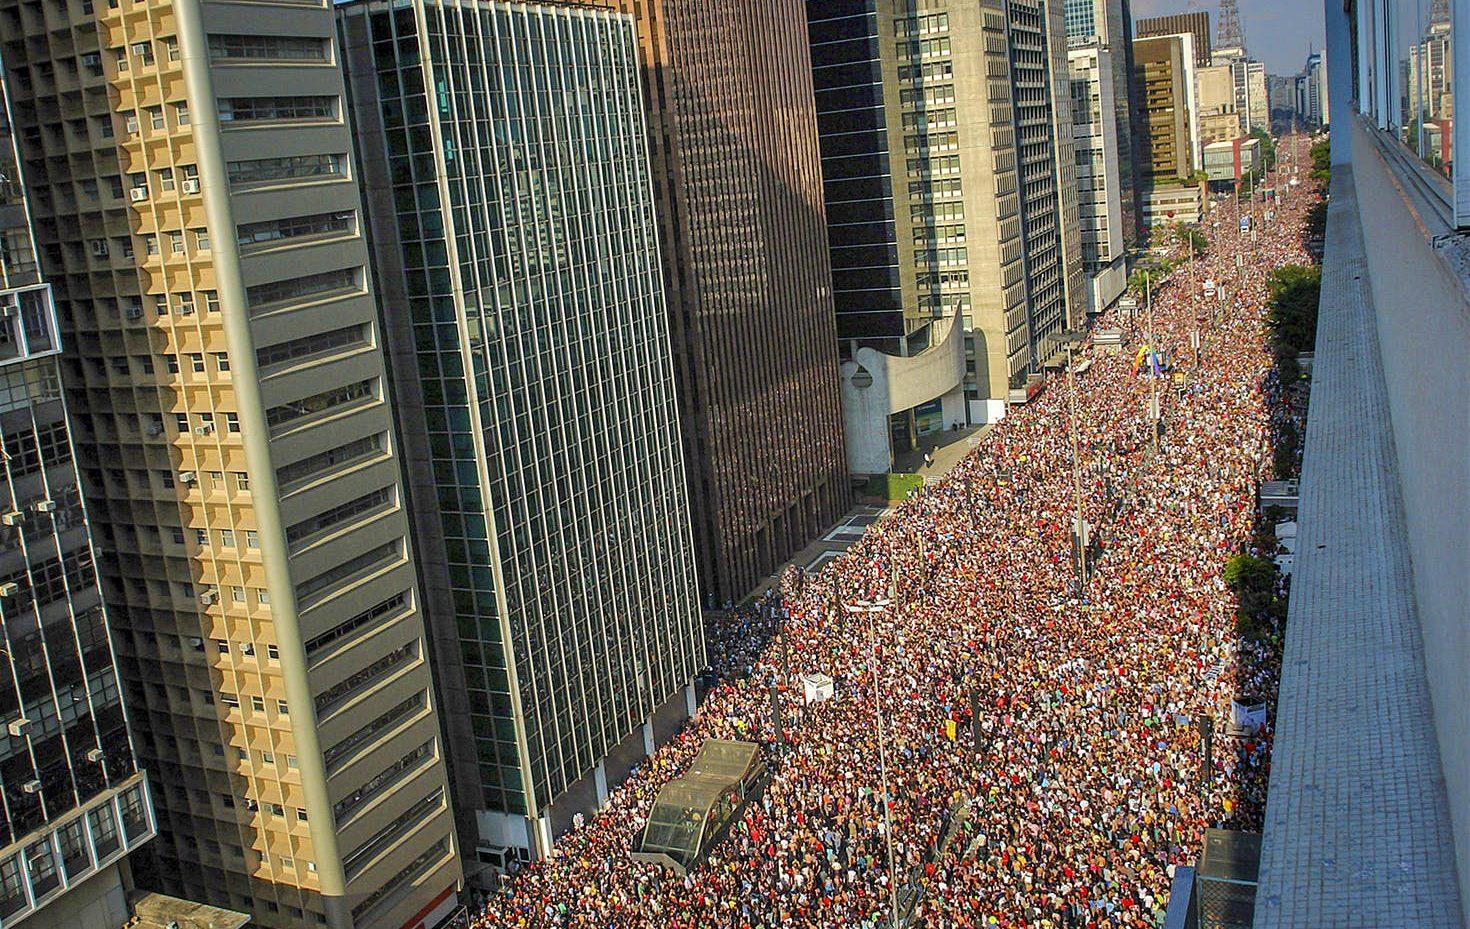 Dünyanın En Büyük Onur Yürüyüşü Sao Paulo'da Gerçekleşti! Tam 3 Milyon Kişi!